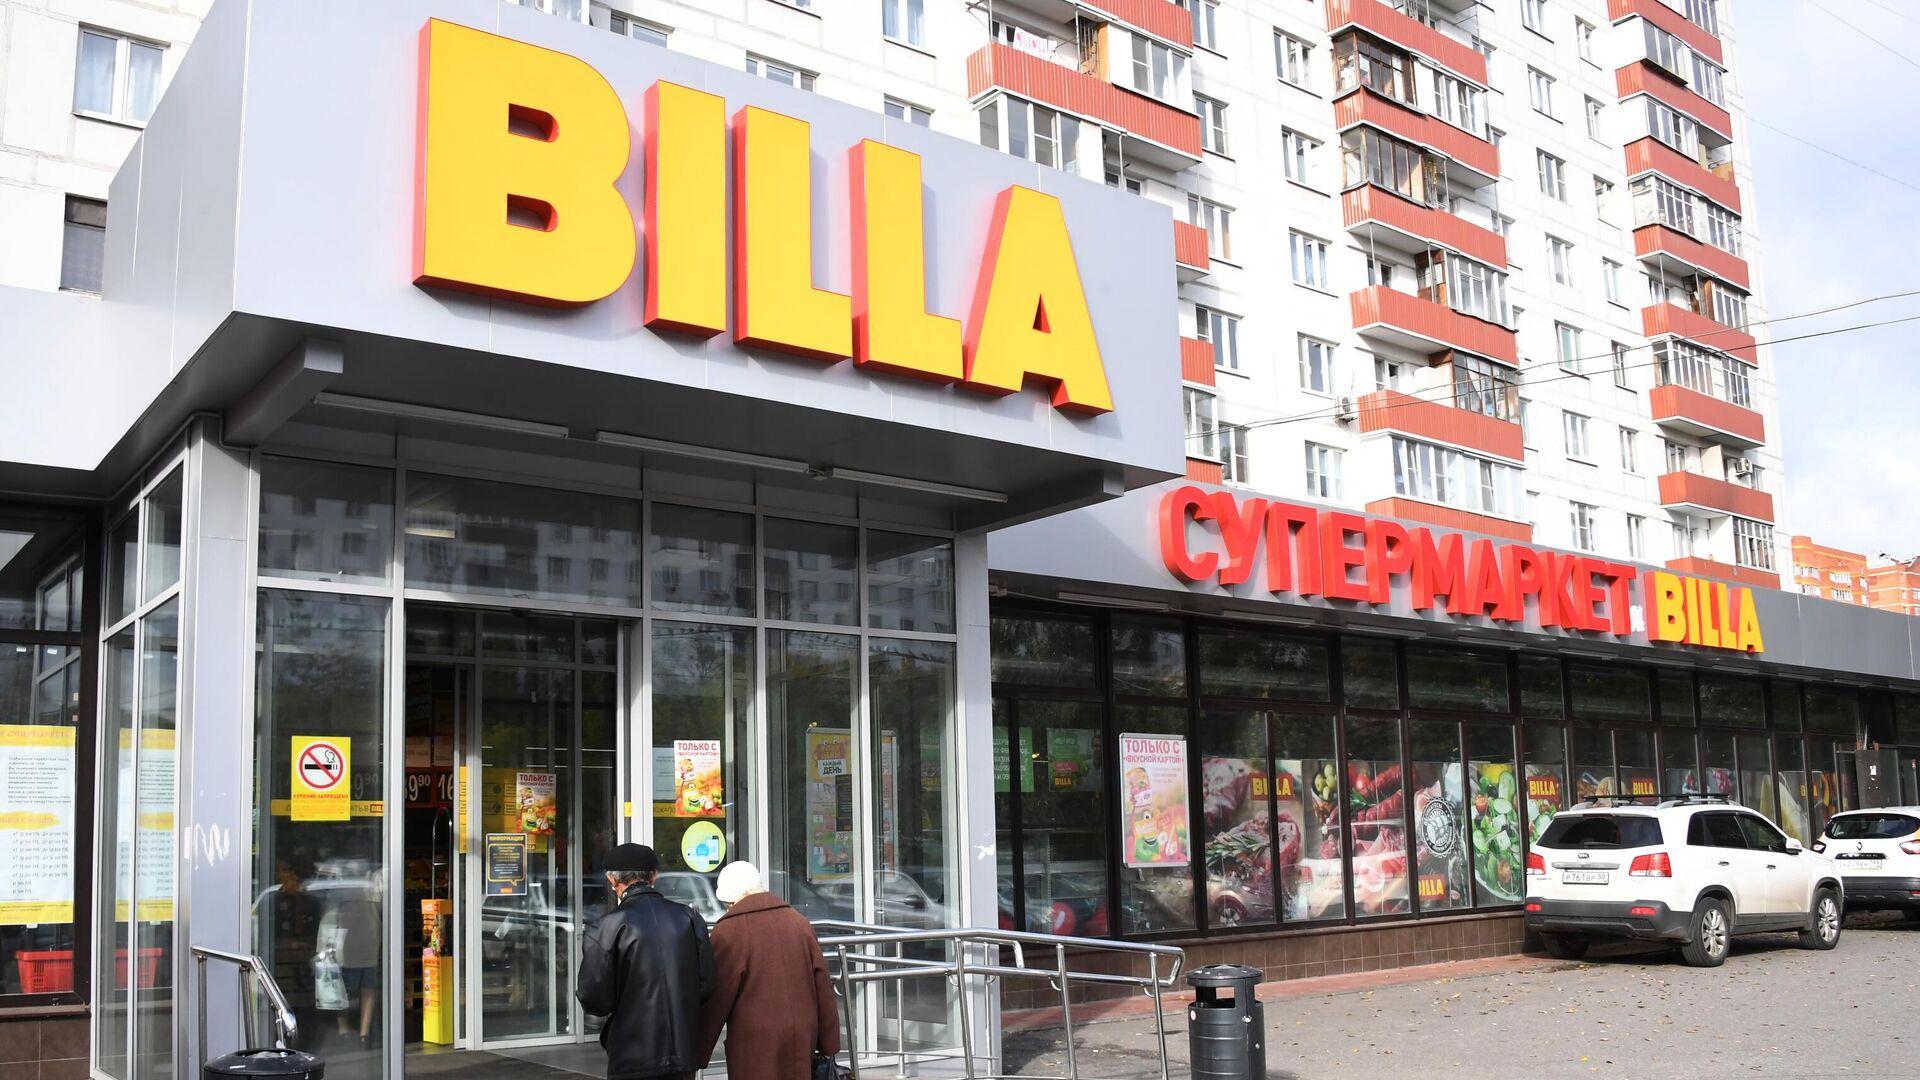 Мужчина и женщина заходят в сетевой супермаркет Billa - РИА Новости, 1920, 19.05.2021